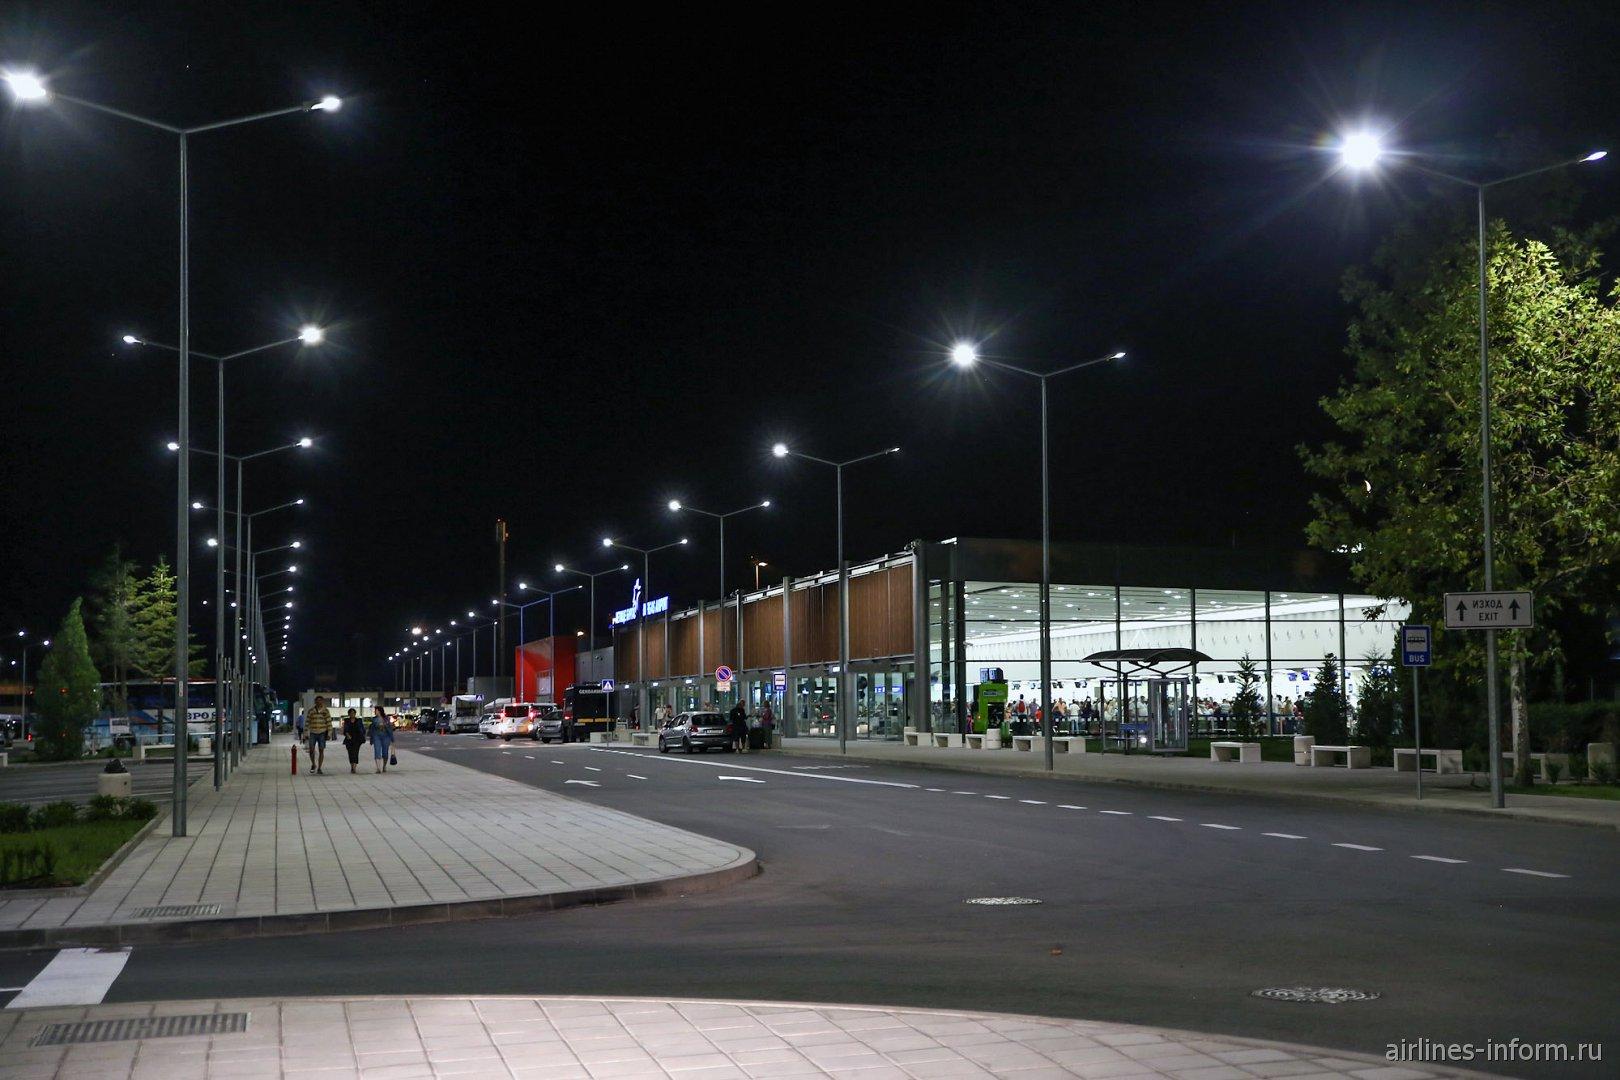 Пассажирский терминал аэропорта Бургас ночью